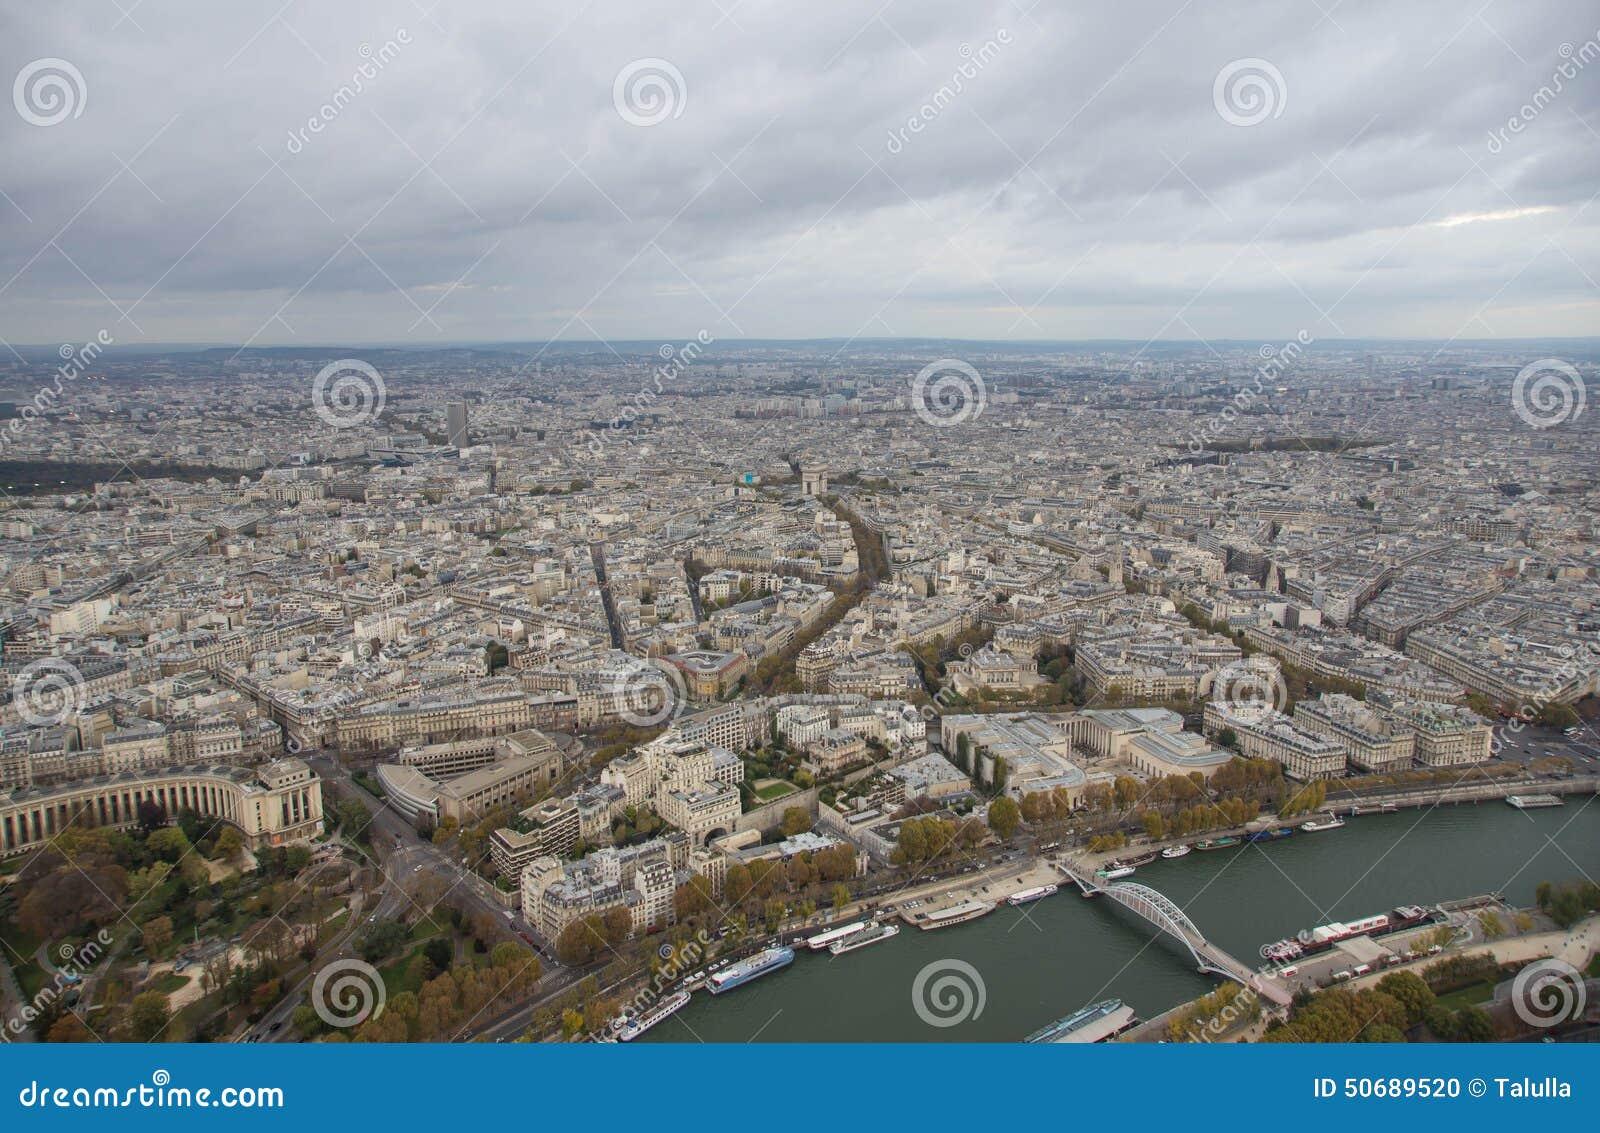 Download 巴黎,城市的看法 库存照片. 图片 包括有 重要事件, 评估人, 巴黎, 秋天, 屋顶, 展望期, 全景 - 50689520